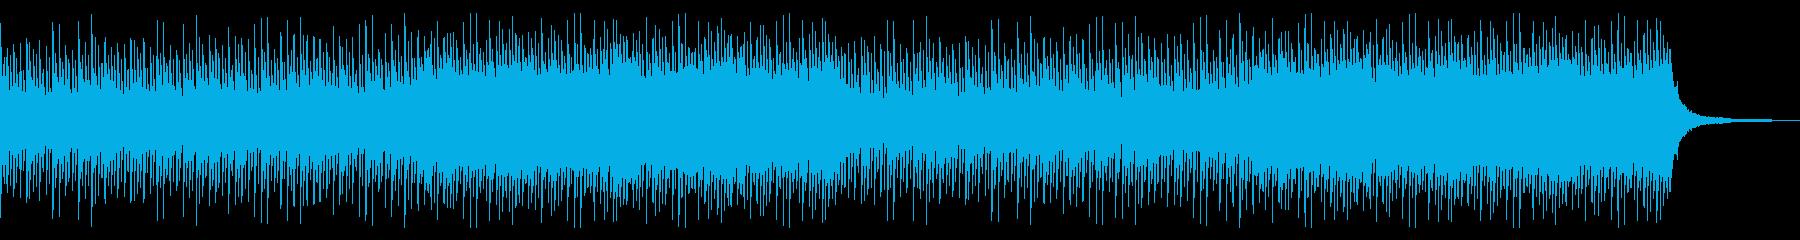 シンバルなし 切ない ピアノ ギターの再生済みの波形